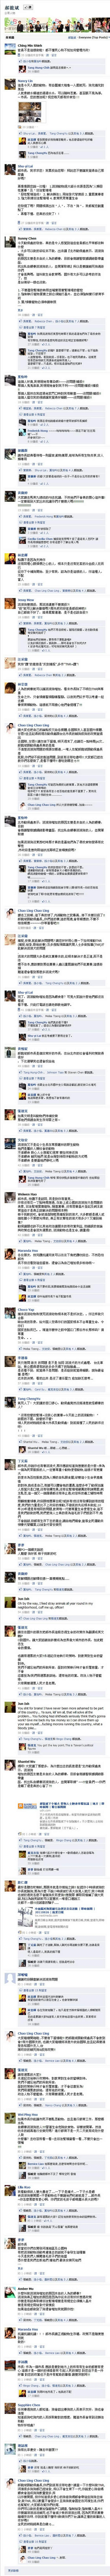 郝龍斌Facebook-2011.08.26-01.jpg